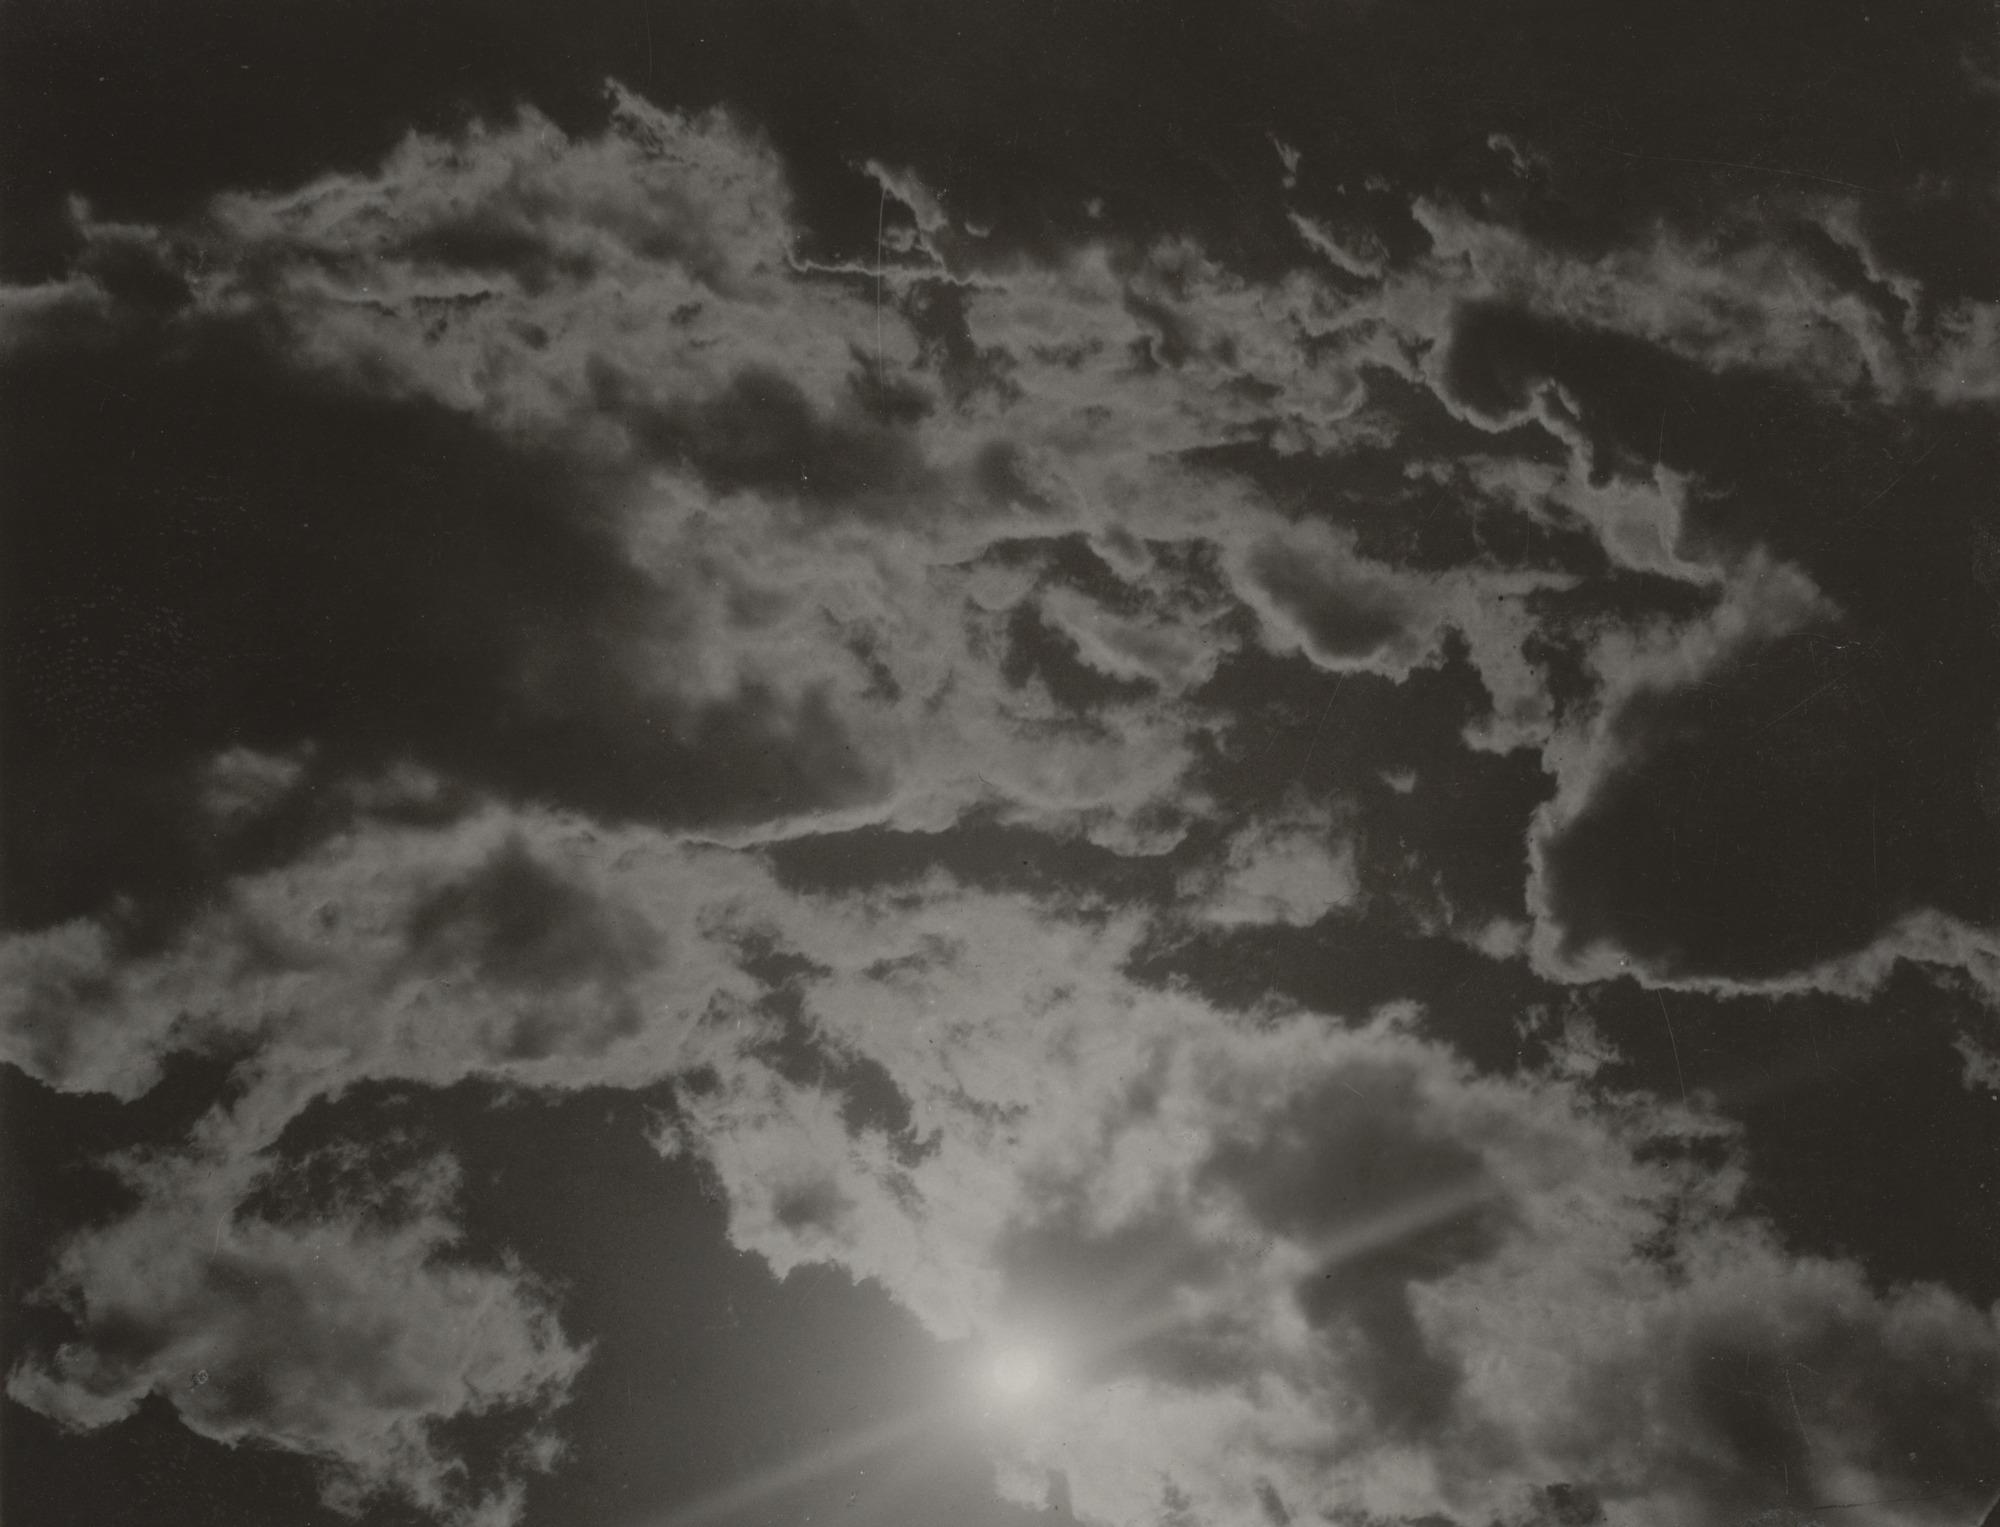 Alfred Stieglitz,  Equivalents  (1923)